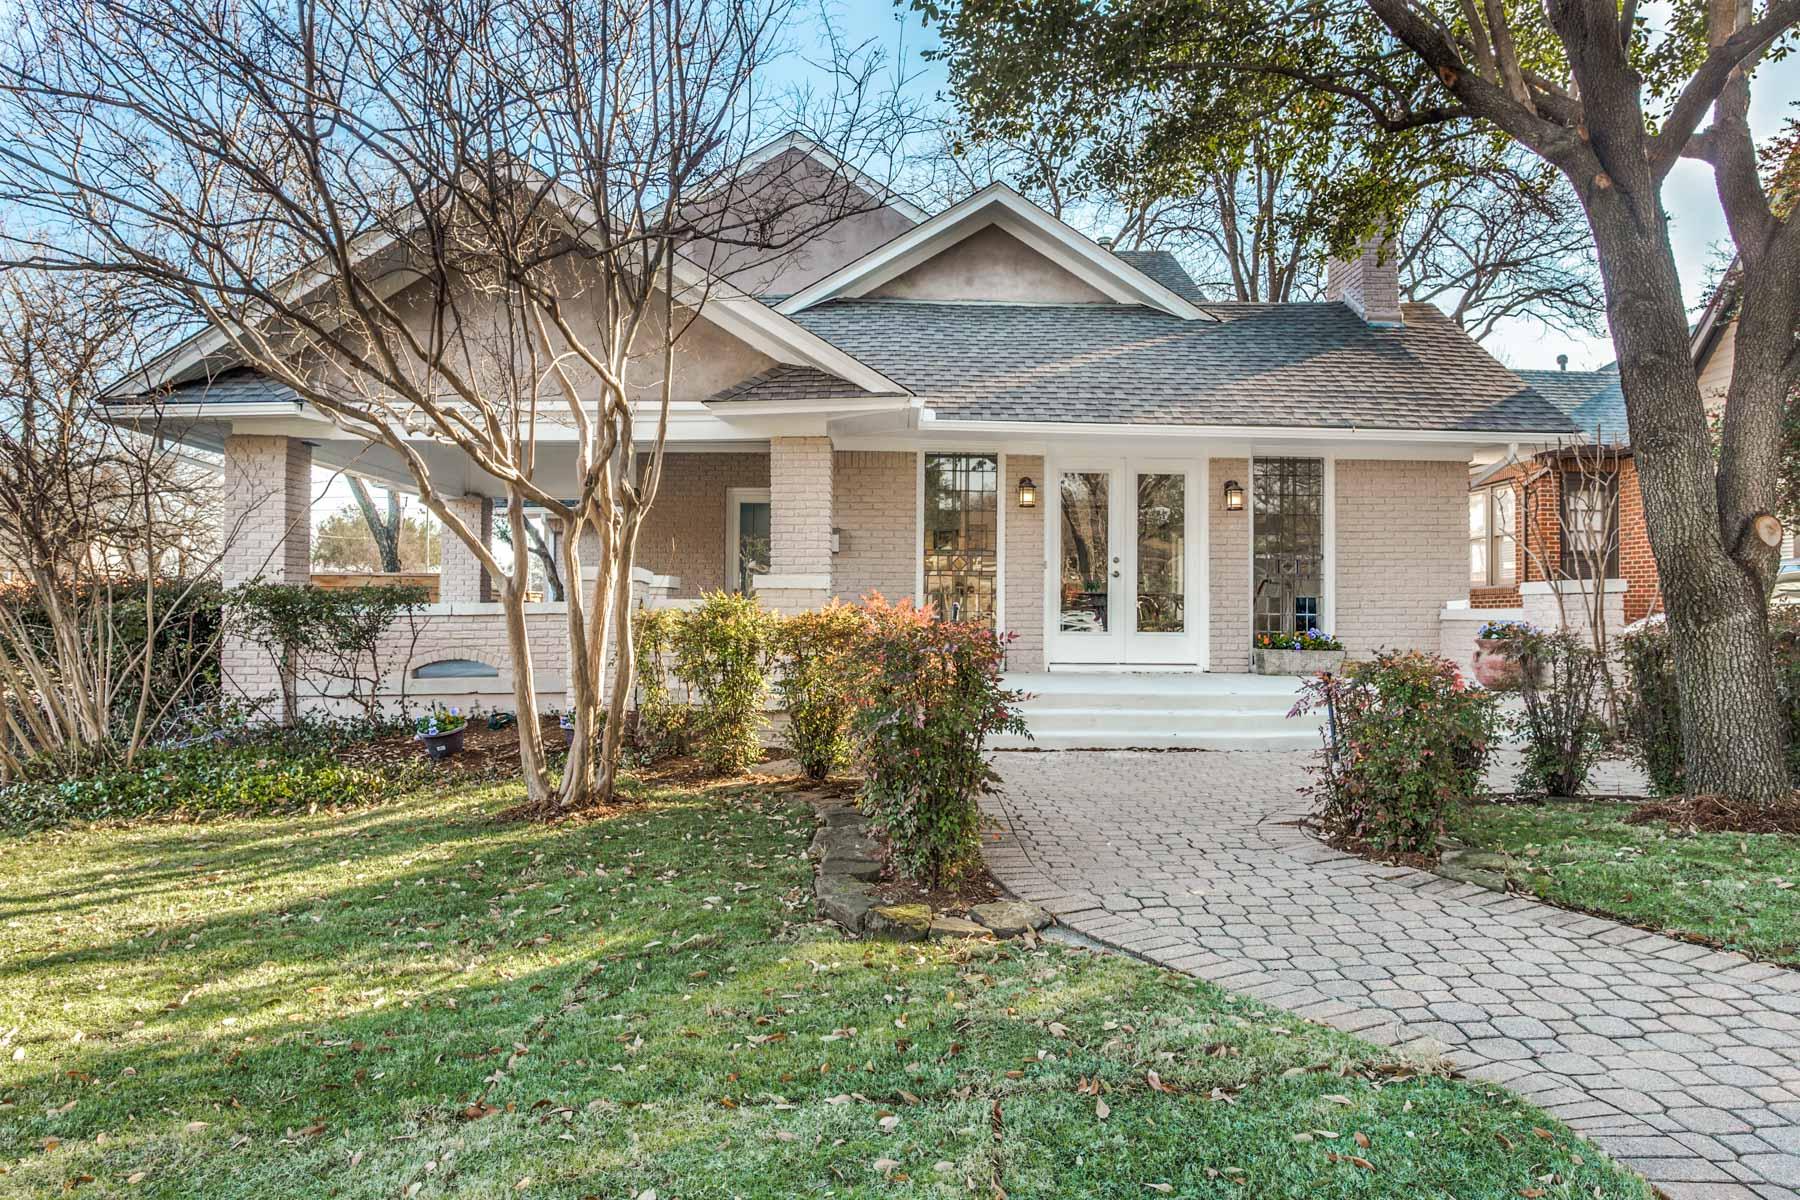 Einfamilienhaus für Verkauf beim North Oak Cliff, Bishop Arts, Kessler Park 902 Stewart Dr Dallas, Texas, 75208 Vereinigte Staaten